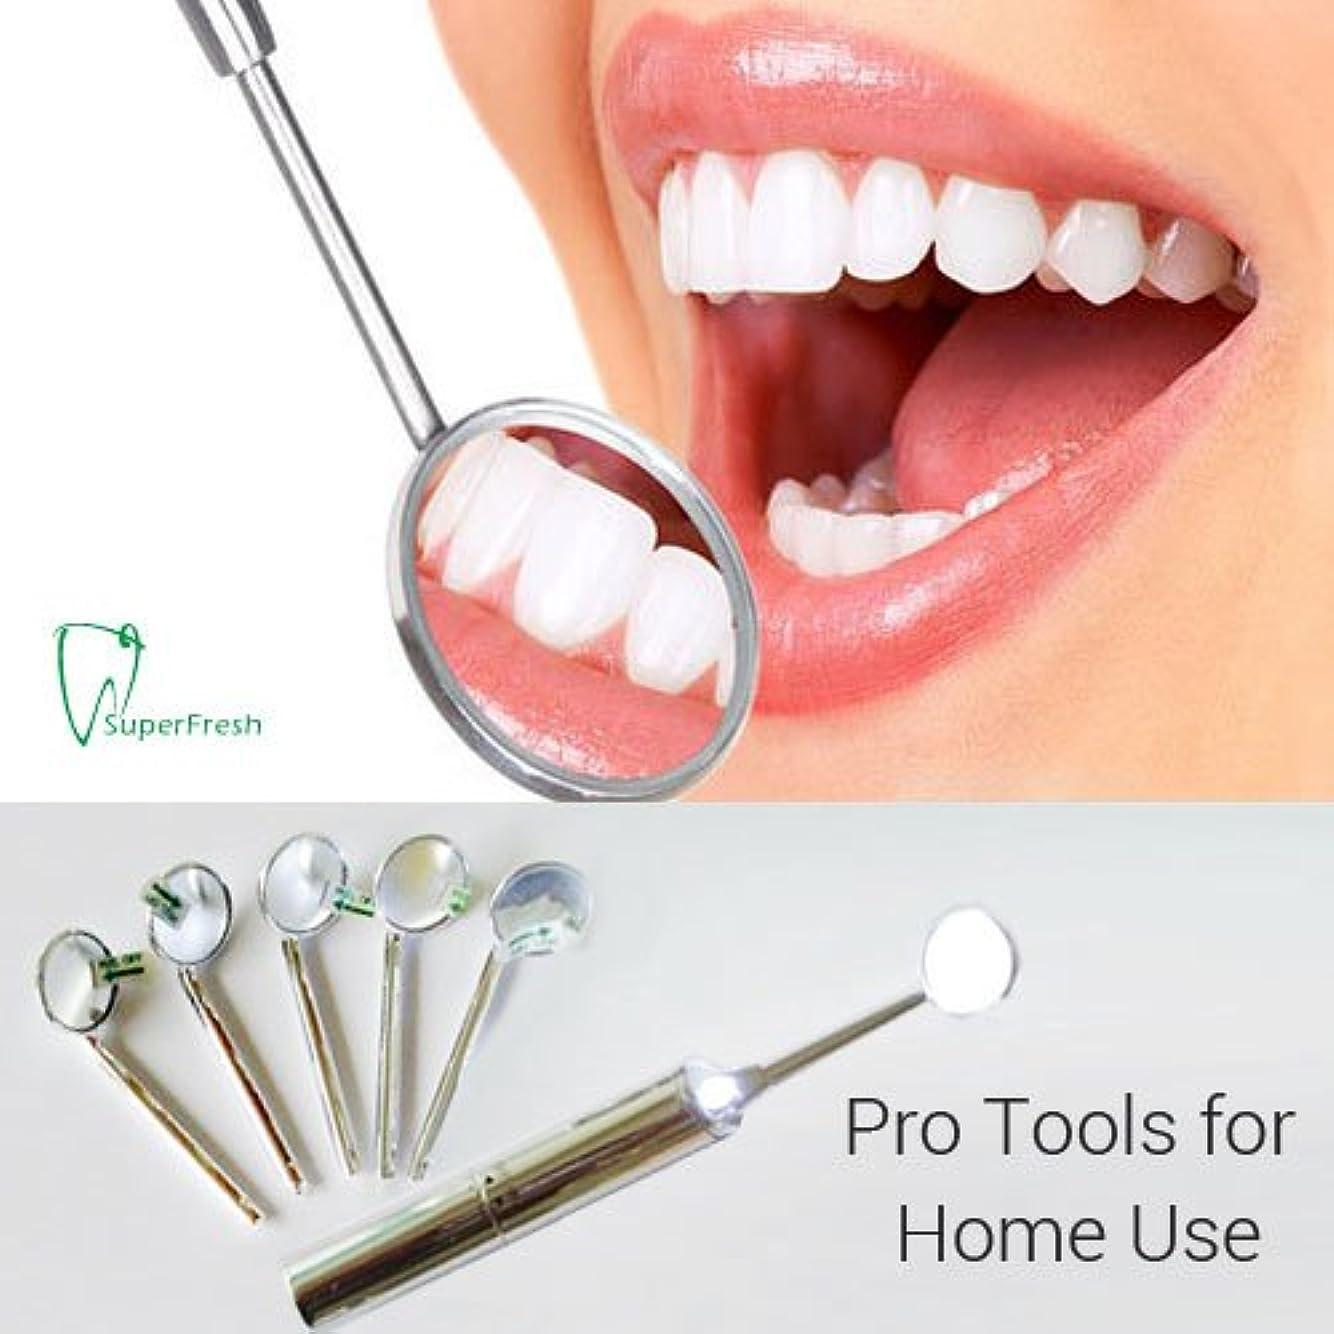 保証するトリクルありふれたTiangtech® LED 歯科 ミラー と 5 追加 ミラー ヒント